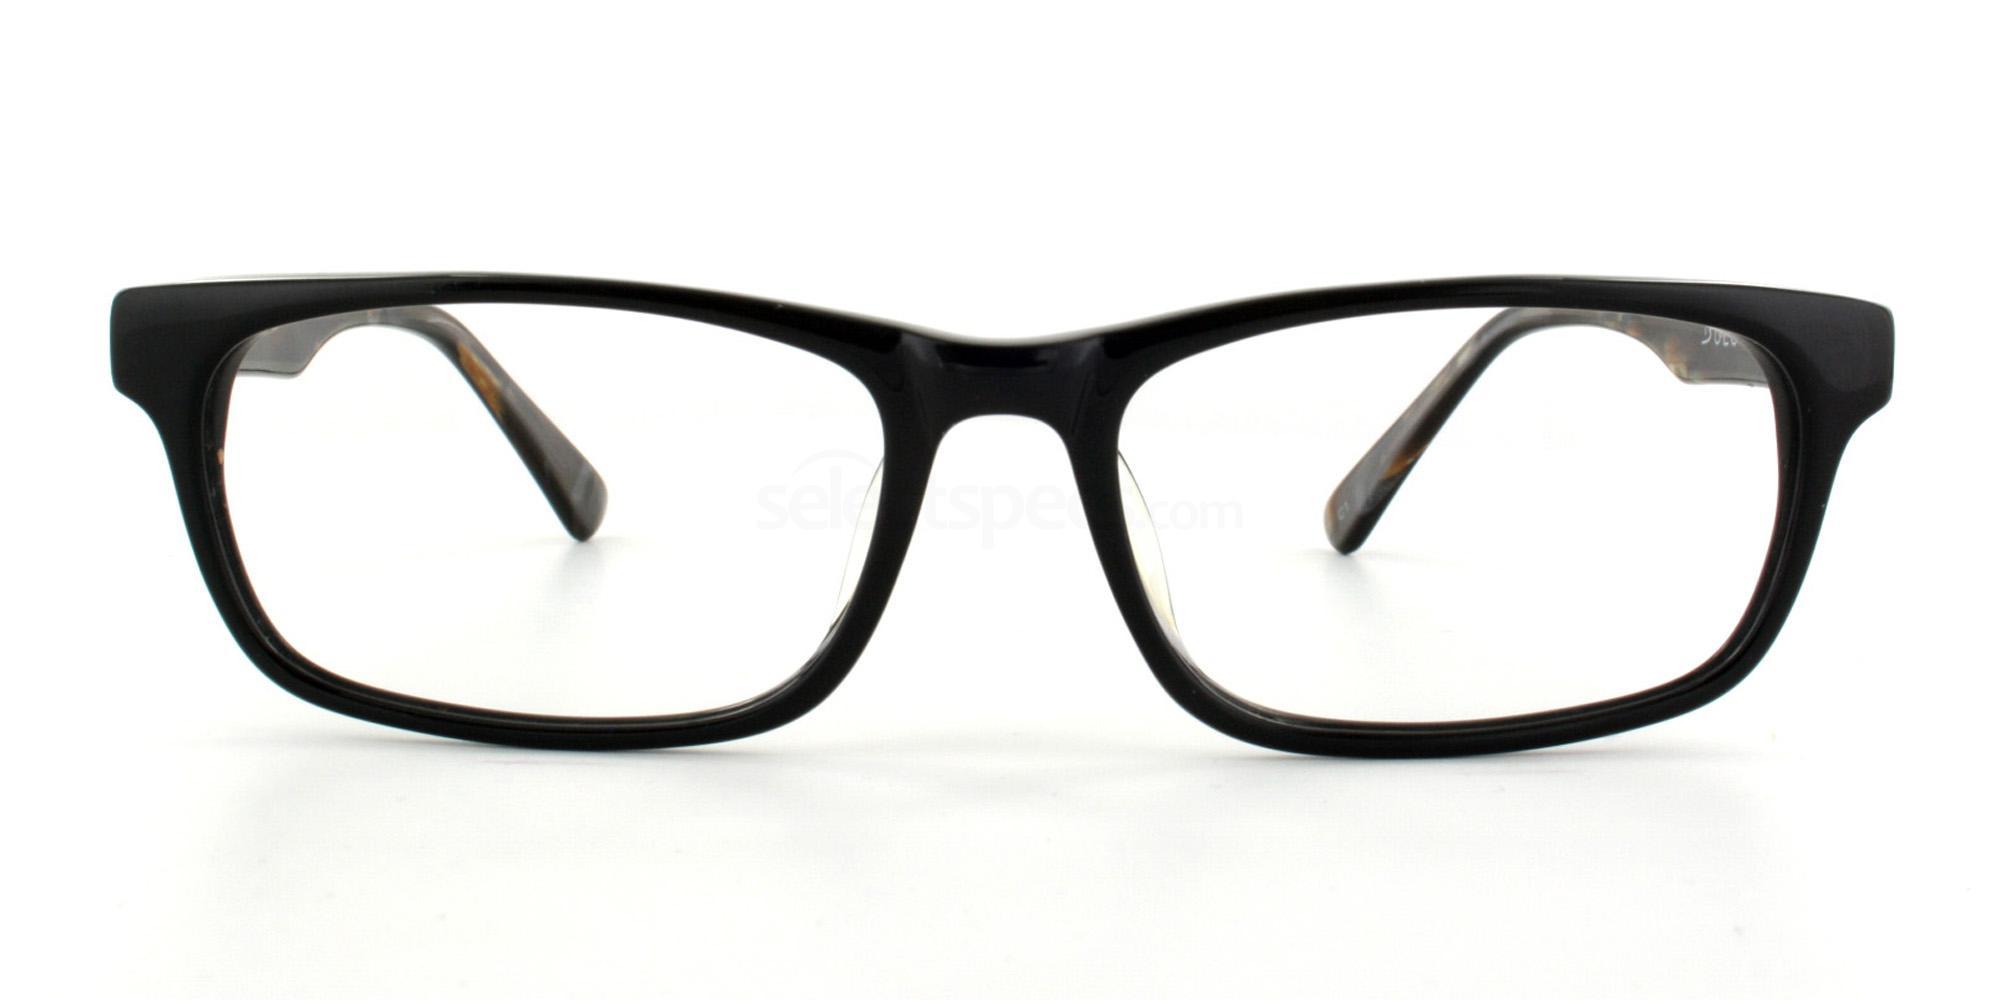 C1 HY81100 Glasses, SelectSpecs